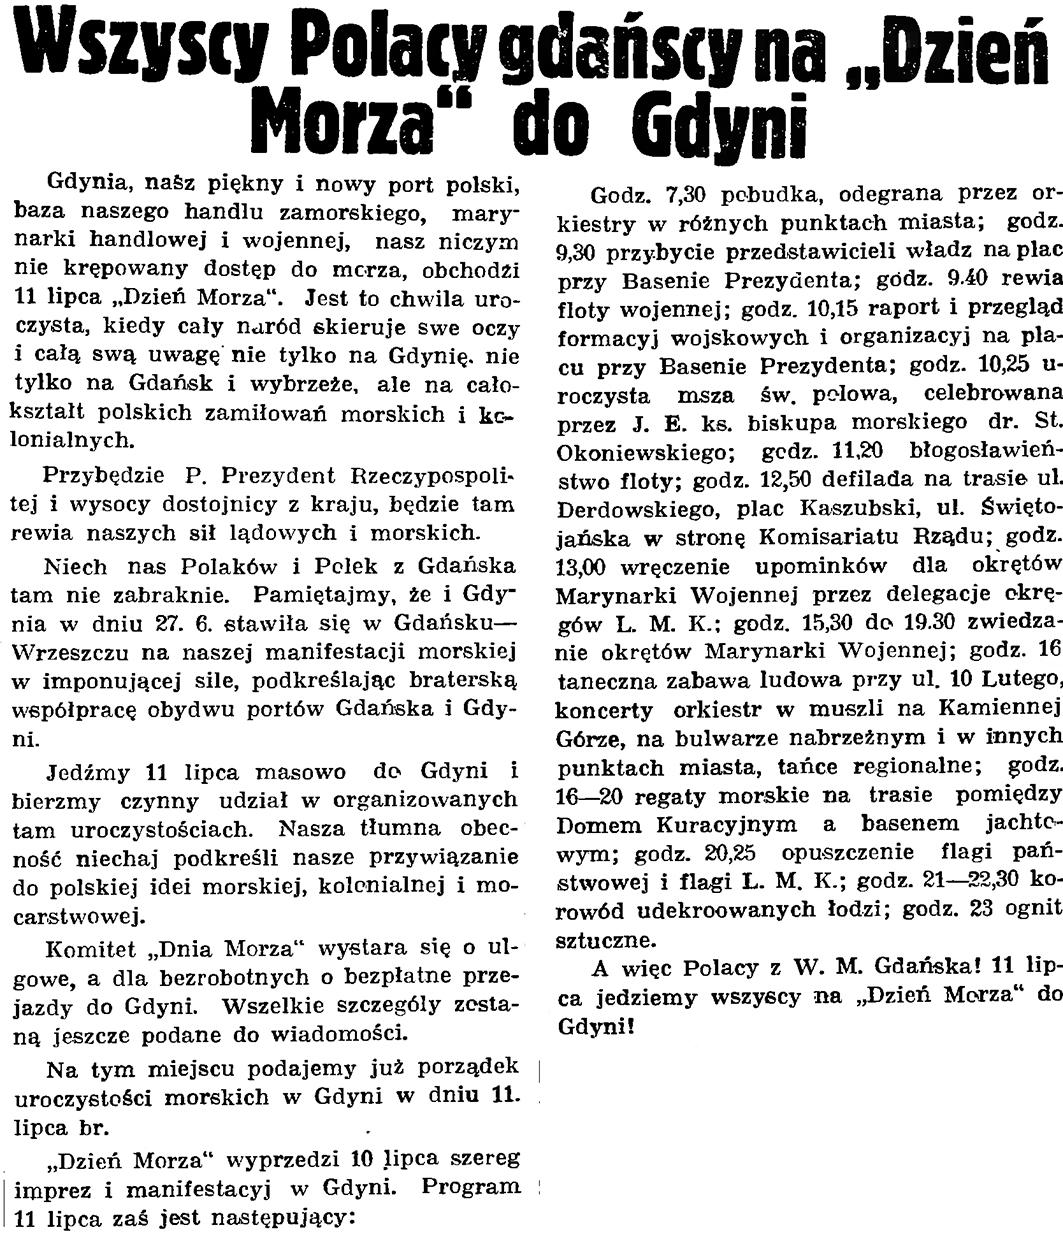 """Wszyscy Polacy gdańscy na """"Dzień Morza"""" do Gdyni // Gazeta Gdańska. - 1937, nr 153, s. 10"""